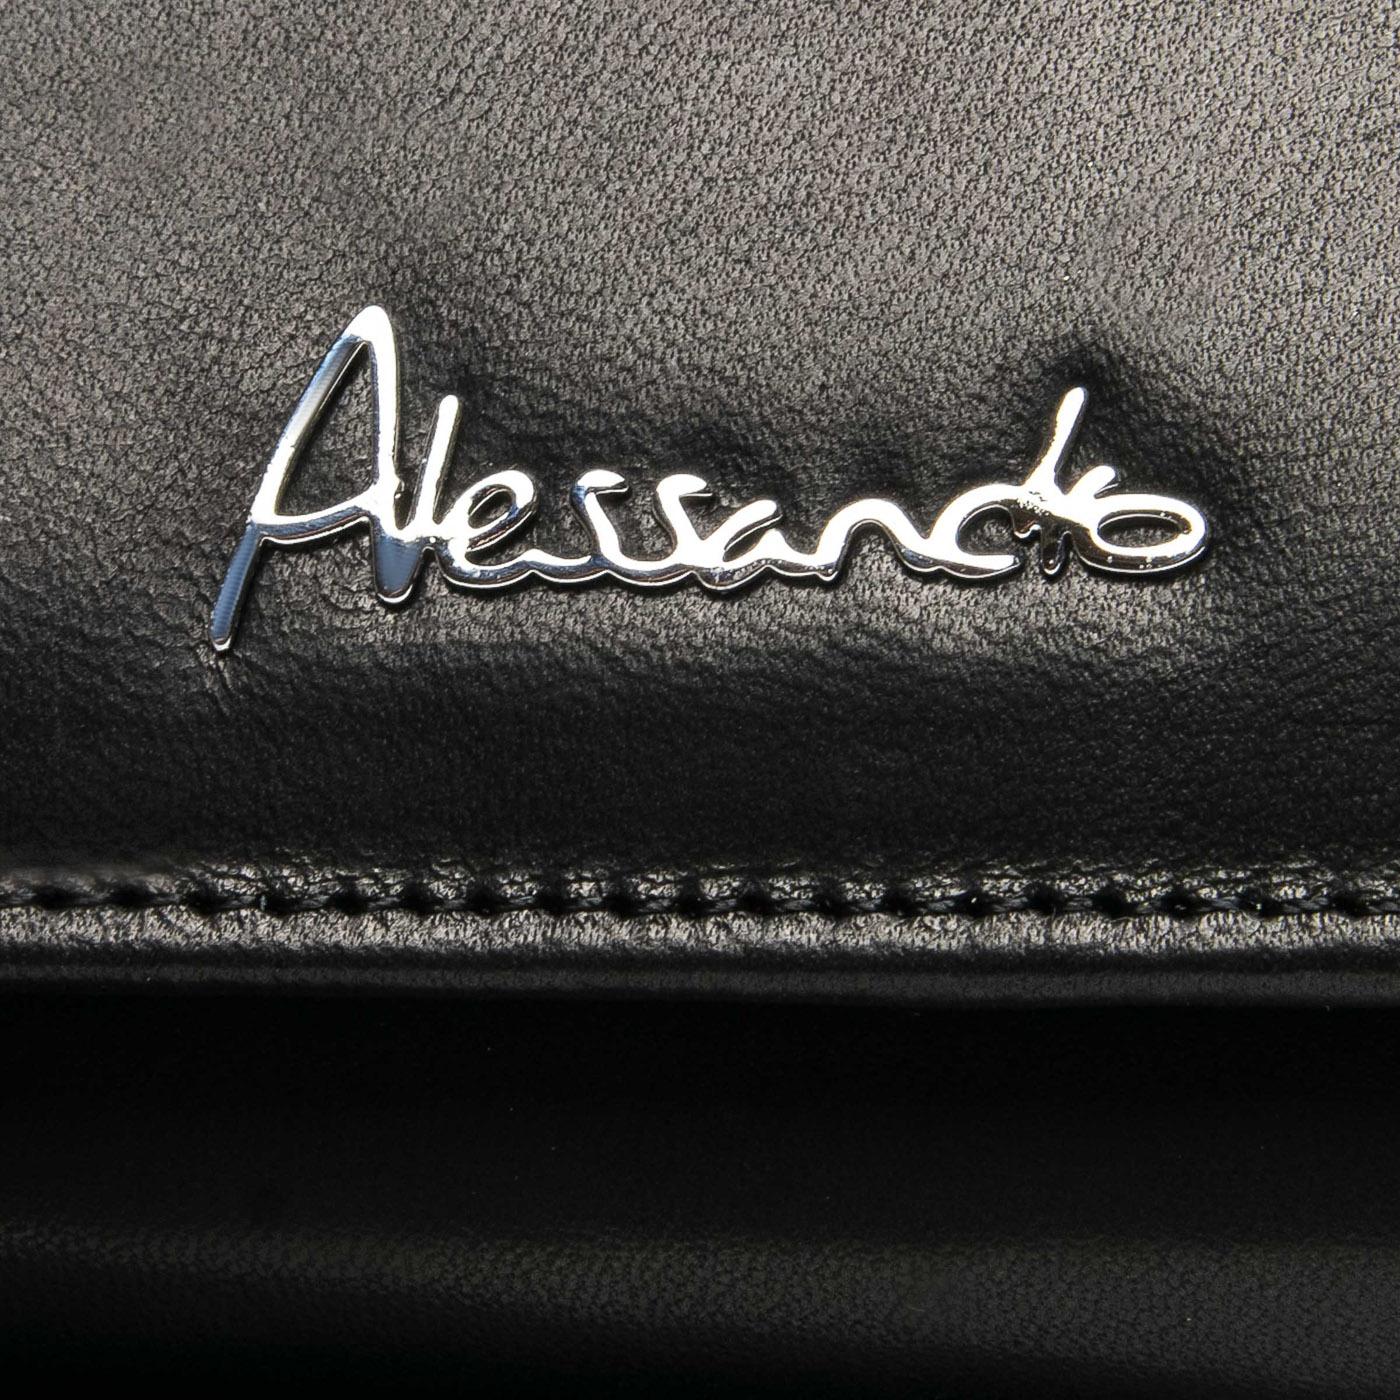 Кошелек NAPPA кожа ALESSANDRO PAOLI W501 black